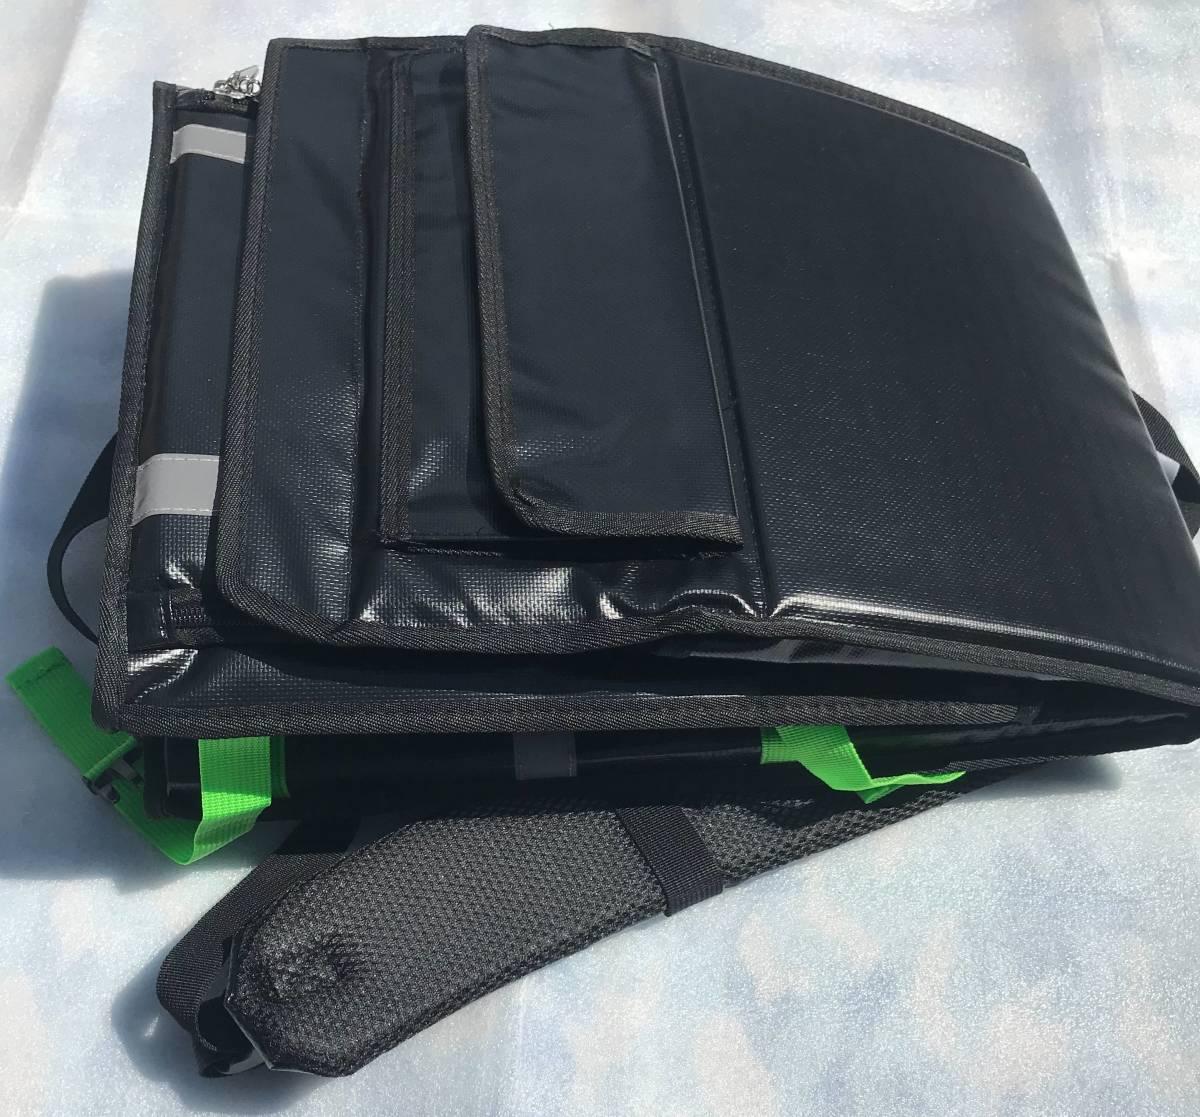 新登場【防水 軽量】ウーバーバッグ UBER EATS デリバリー ウーバーイーツ 保冷 保温 リュック バッグ バック 宅配 配達 フード UE light_折り畳み可!持ち運びで邪魔になりません。